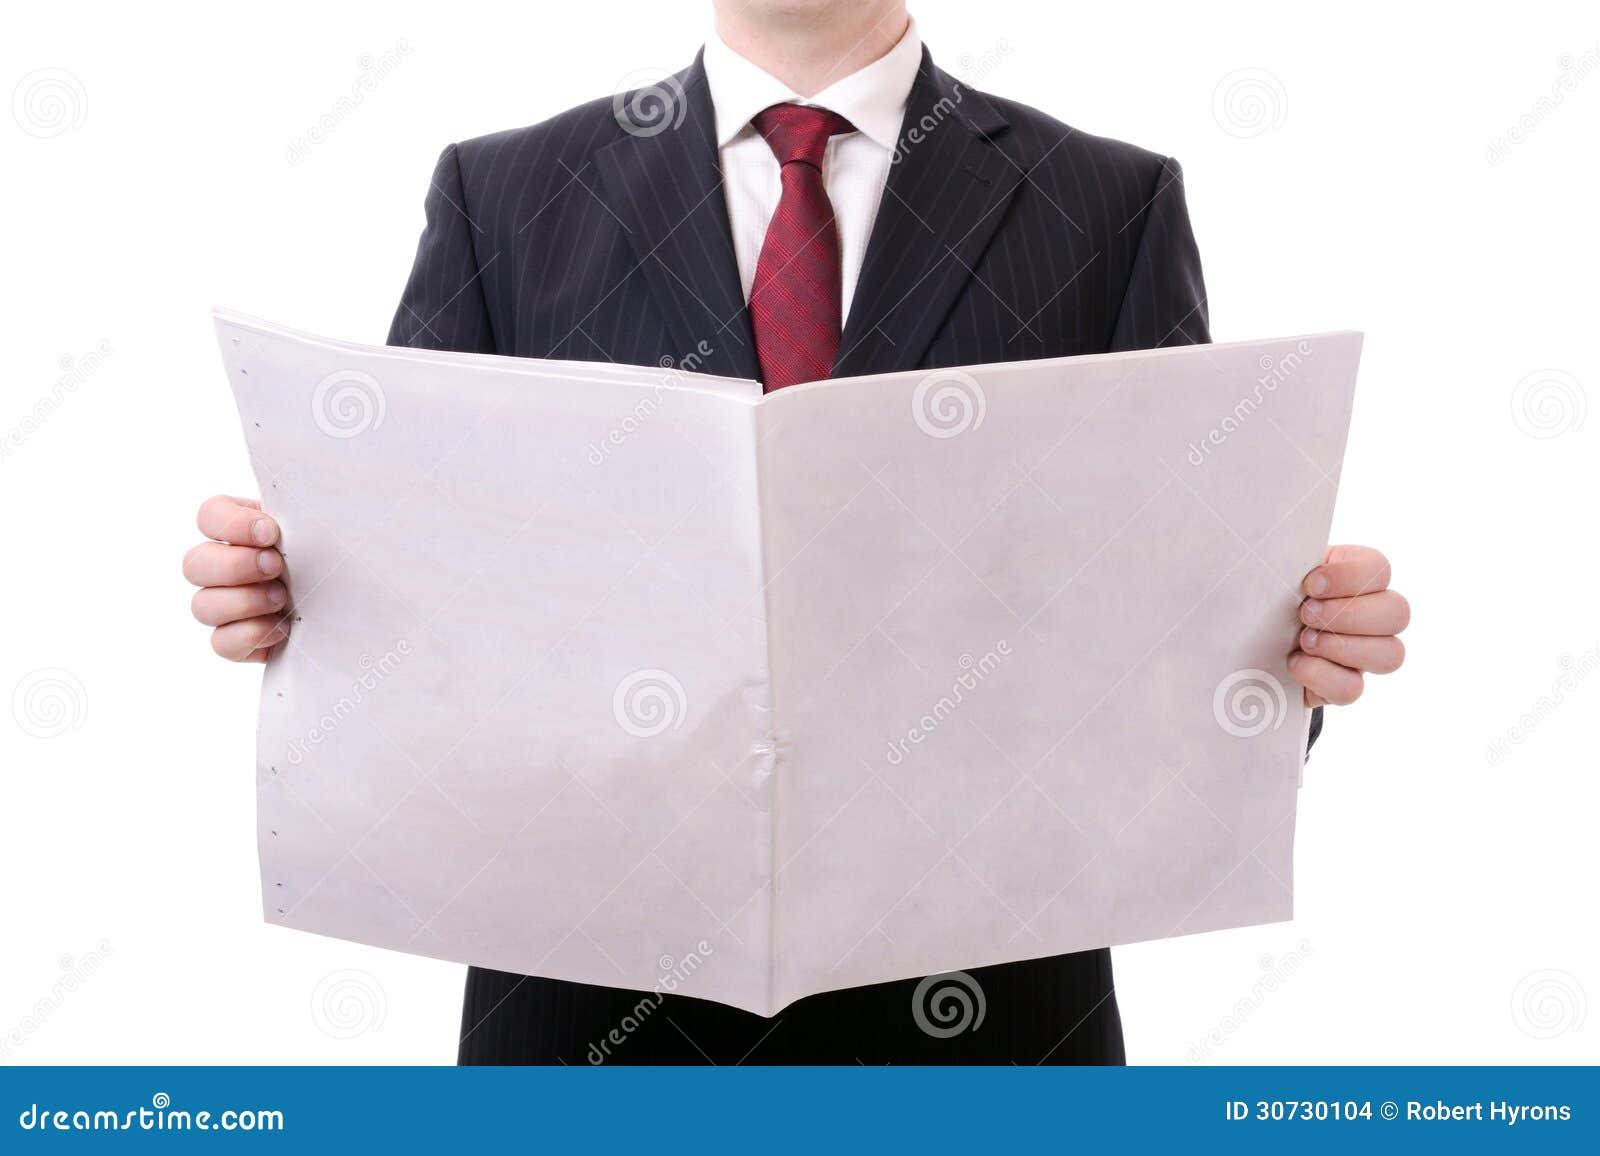 Tom tidning